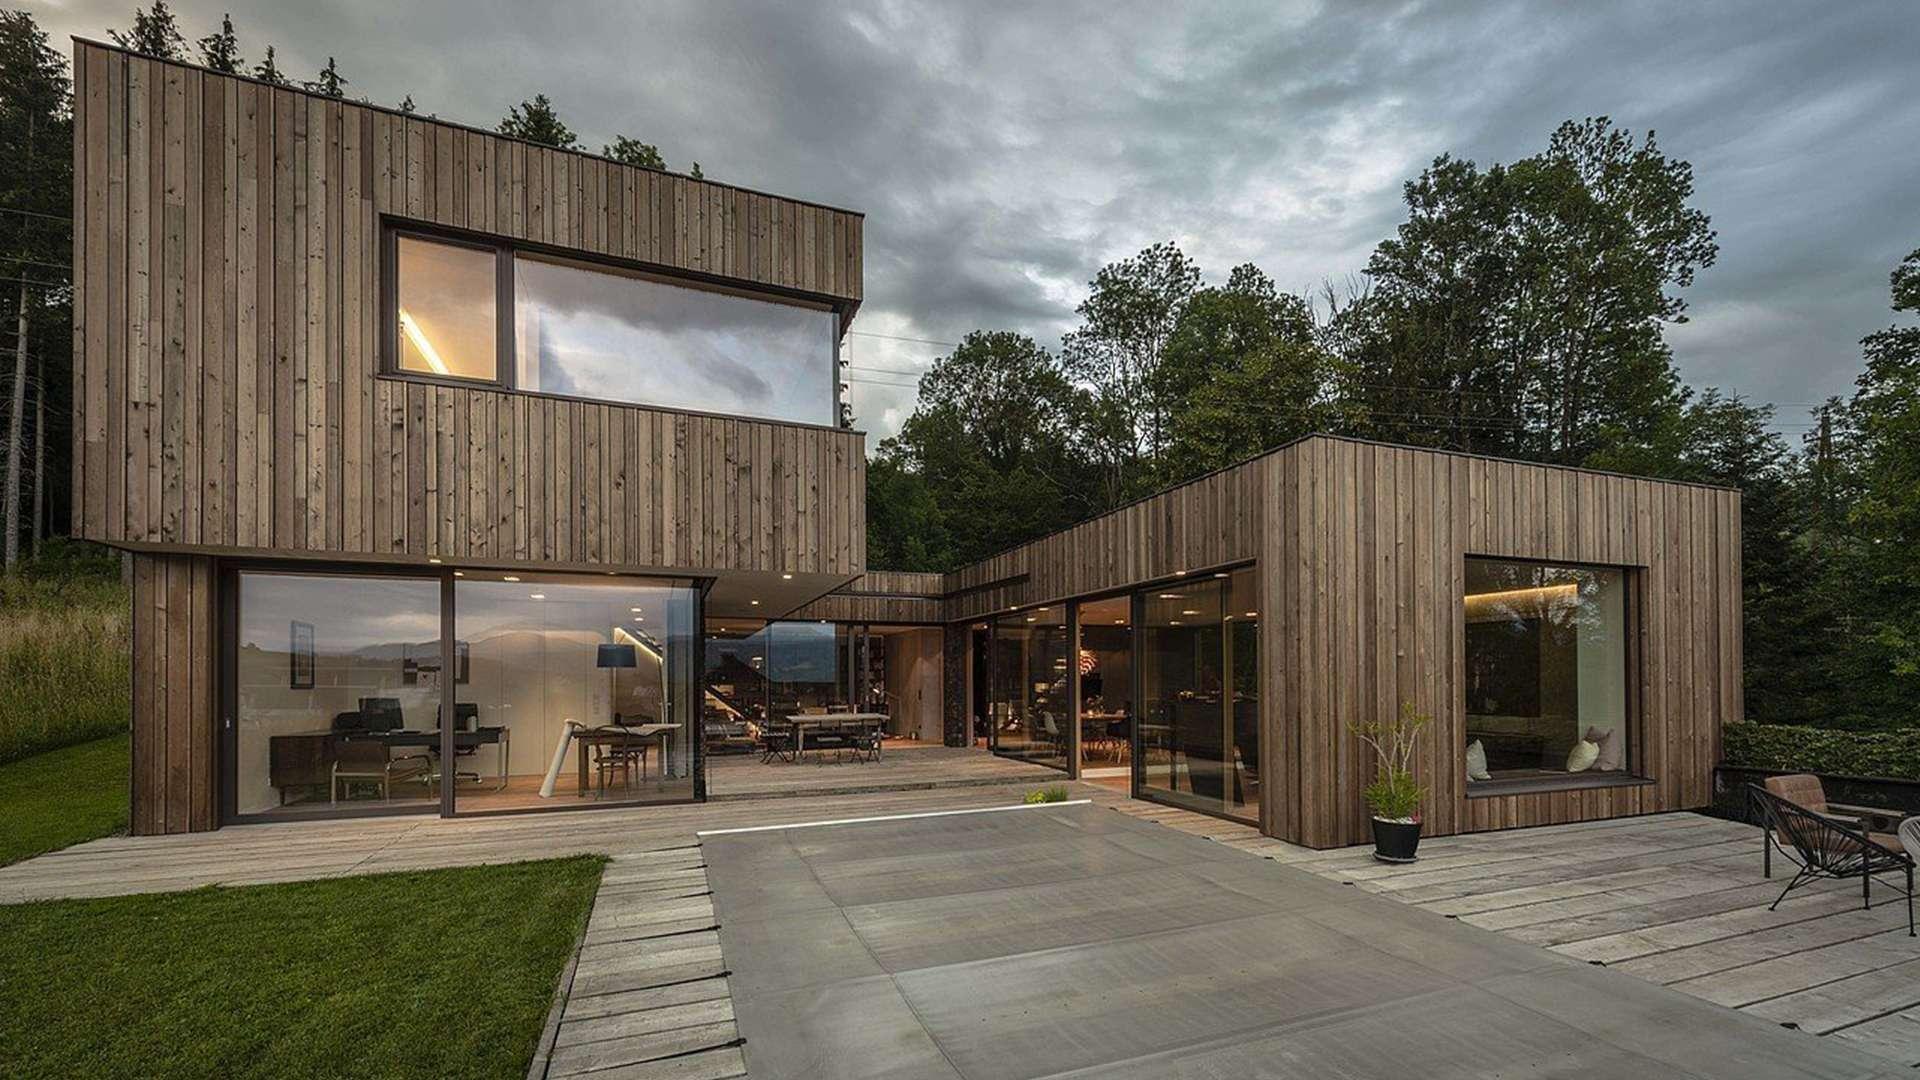 Holzhaus mit Holzalufenstern bei Dämmerung